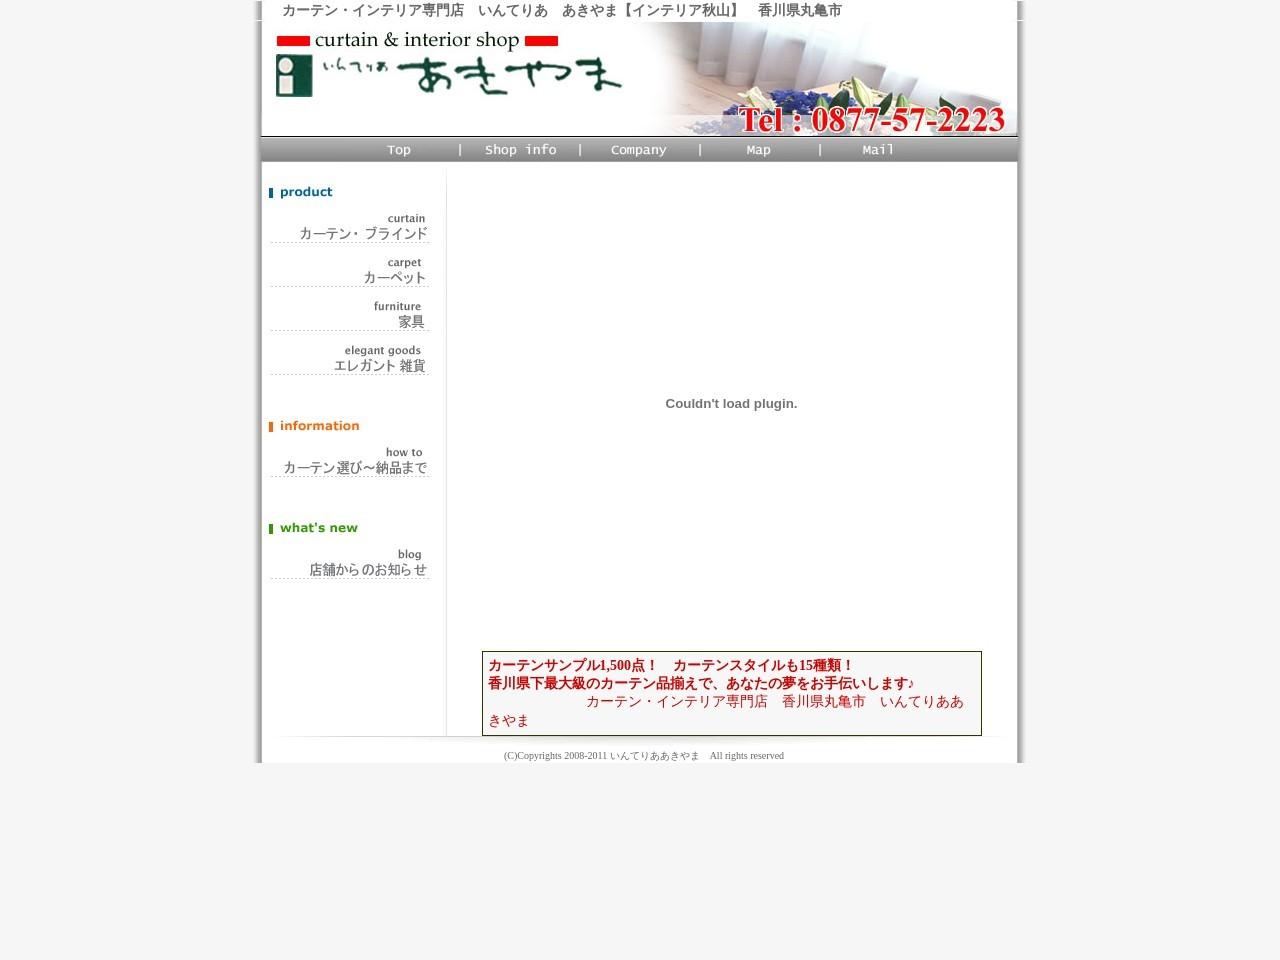 香川県丸亀市カーテン・インテリア専門店『いんてりああきやま(インテリア秋山)』